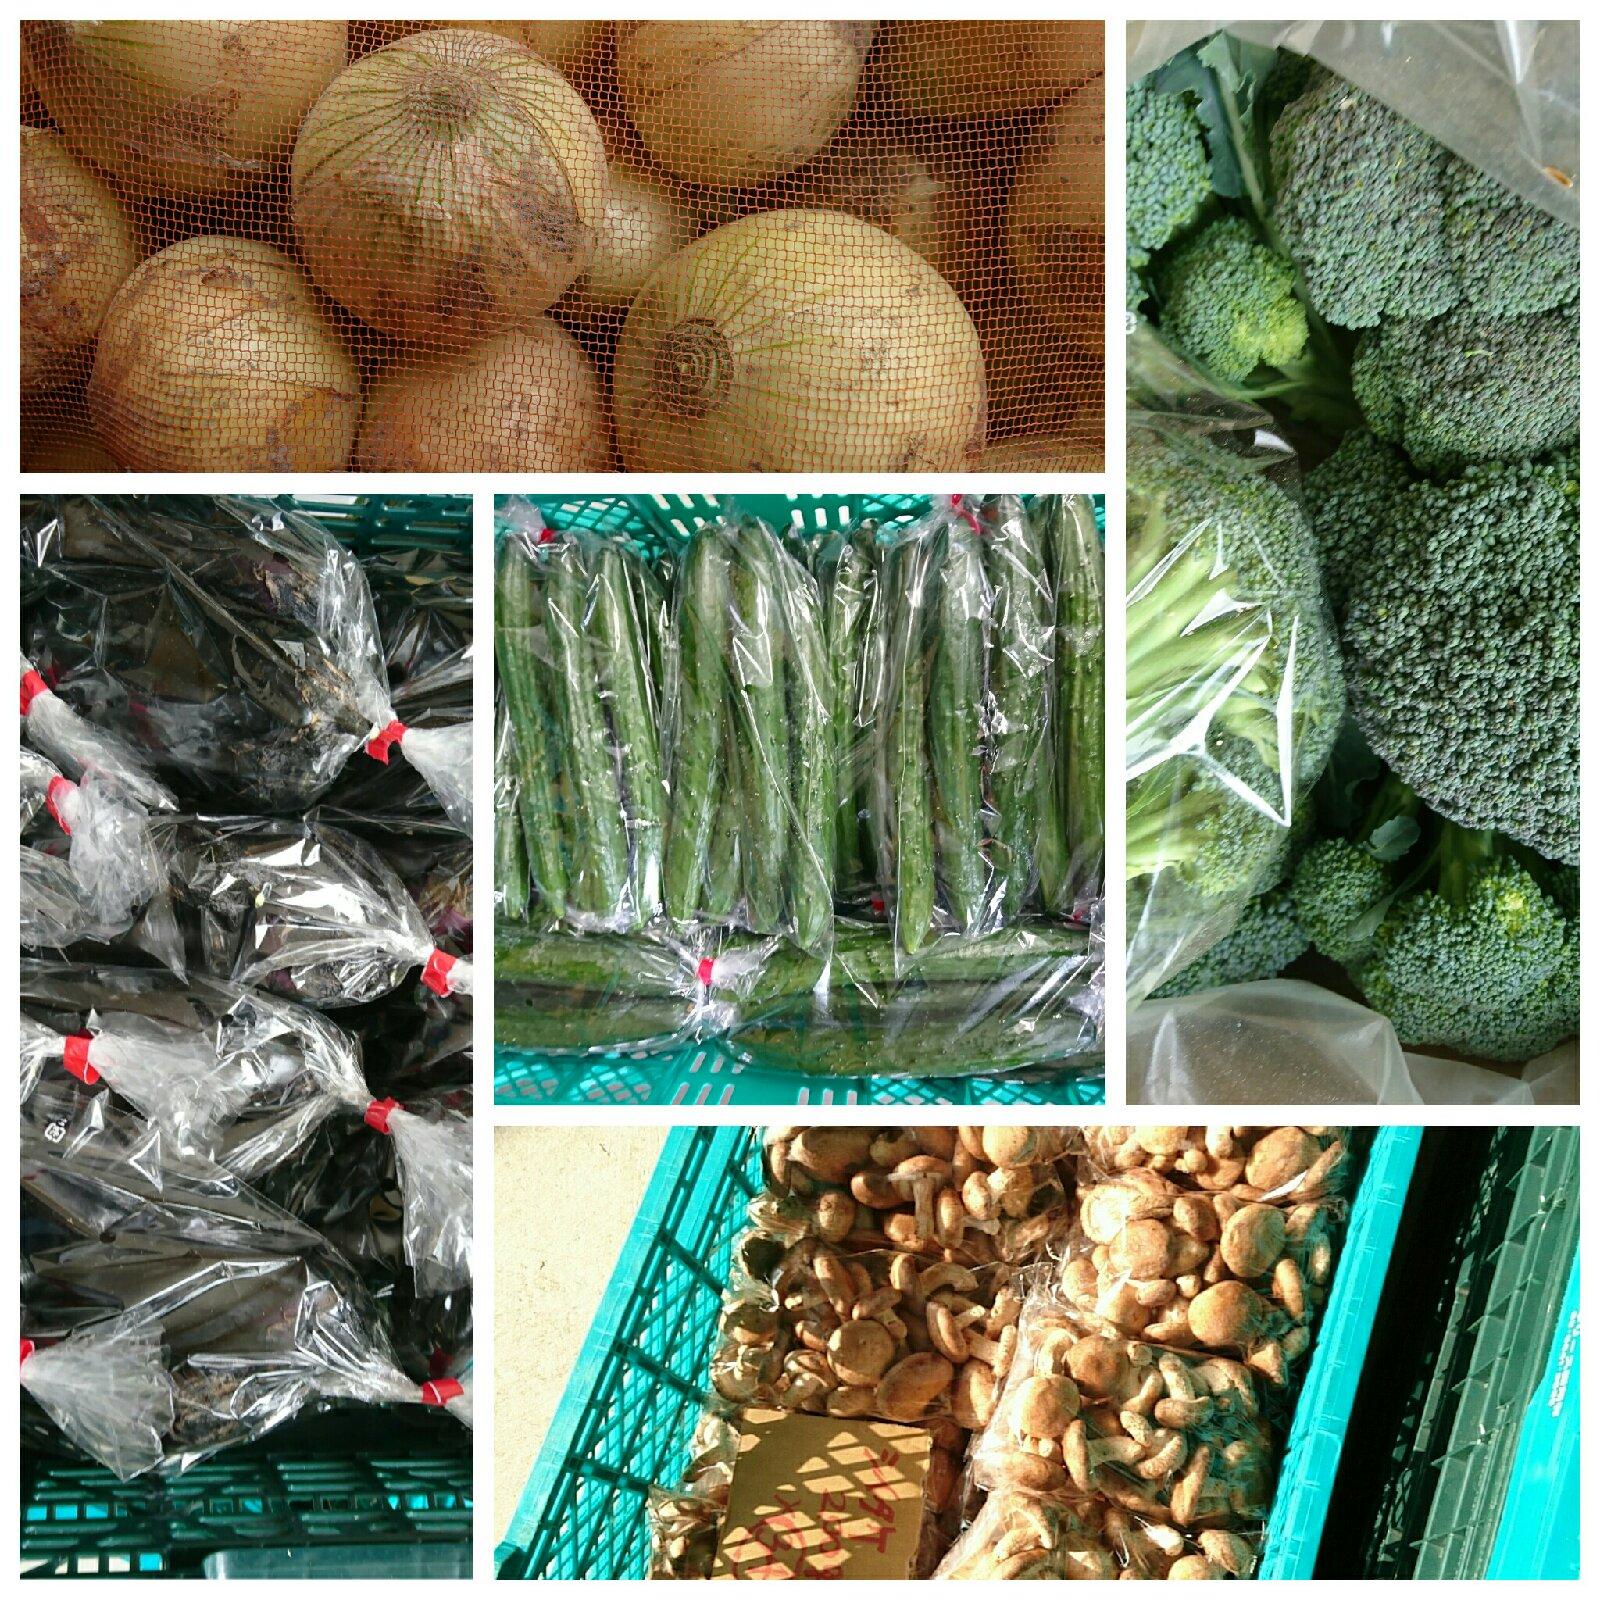 お買い得セットA 野菜/セット・詰め合わせ通販